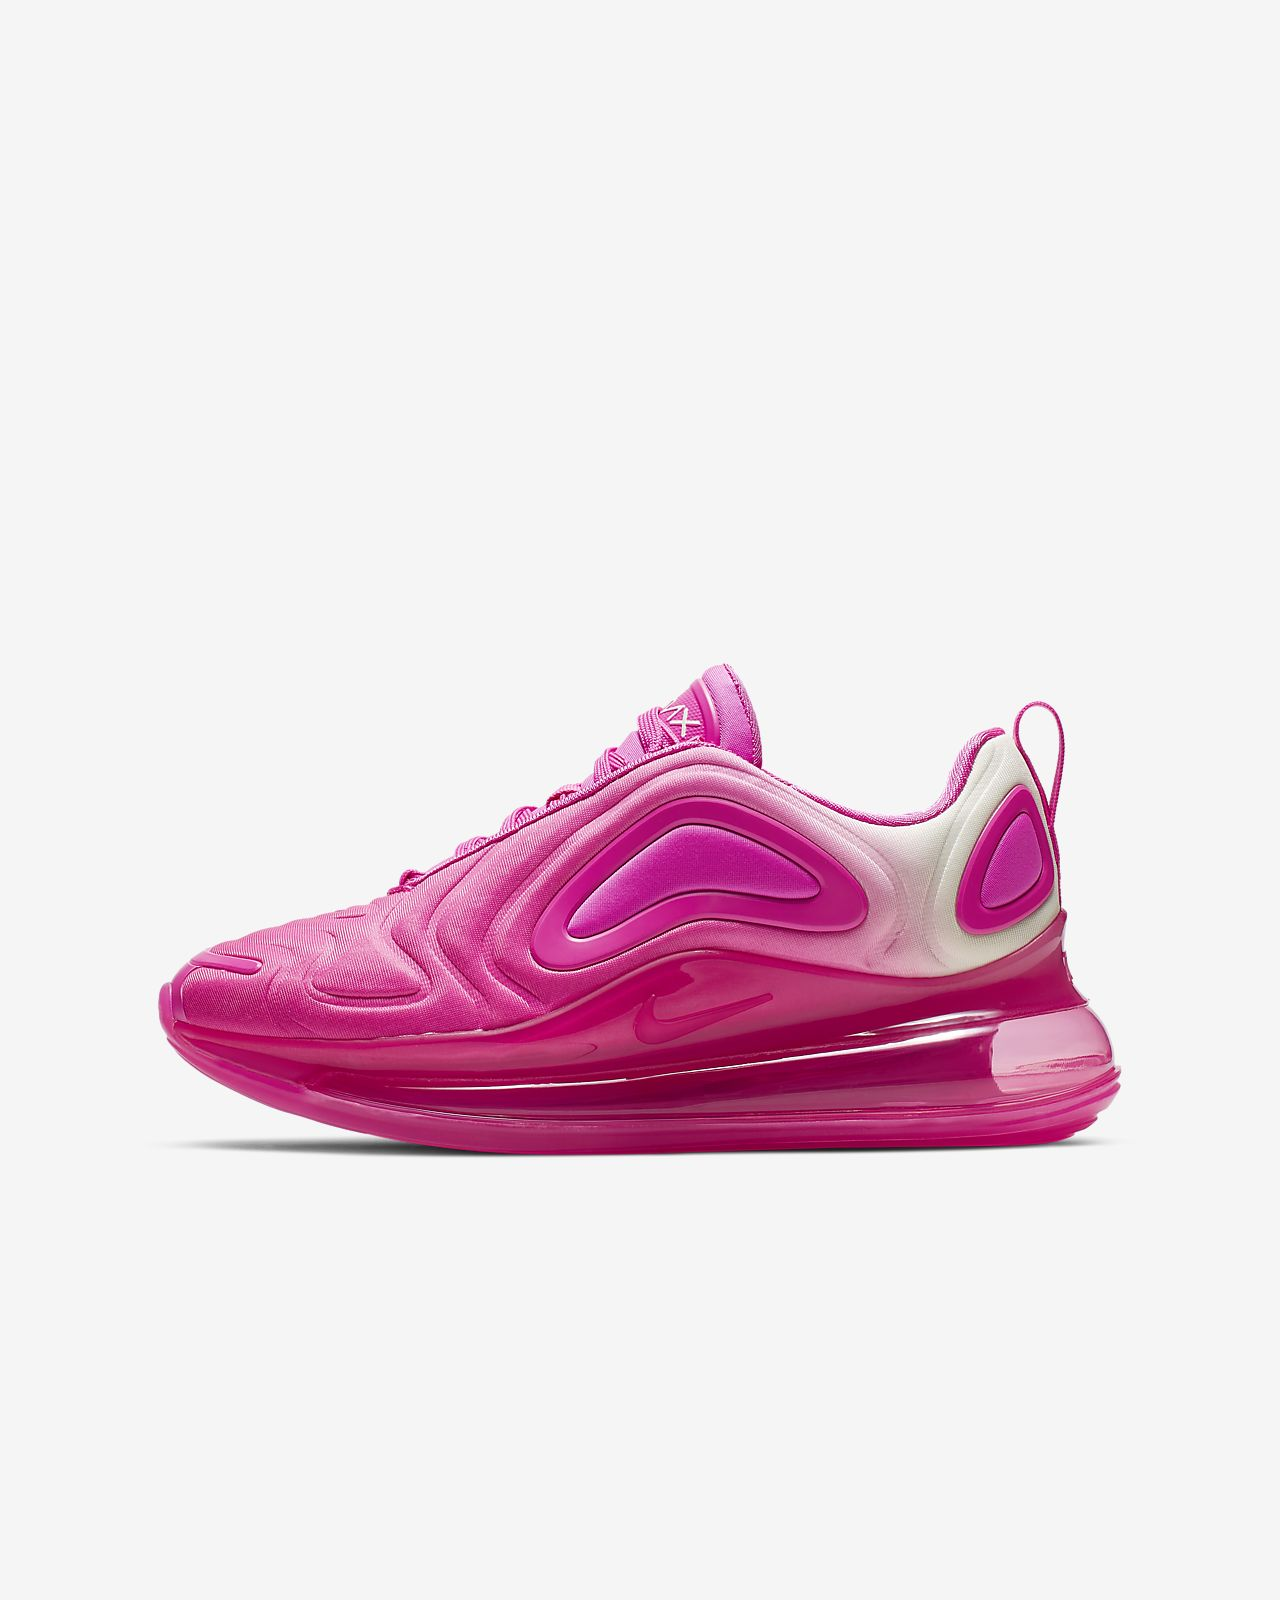 Bota Nike Air Max 720 pro malé i větší děti